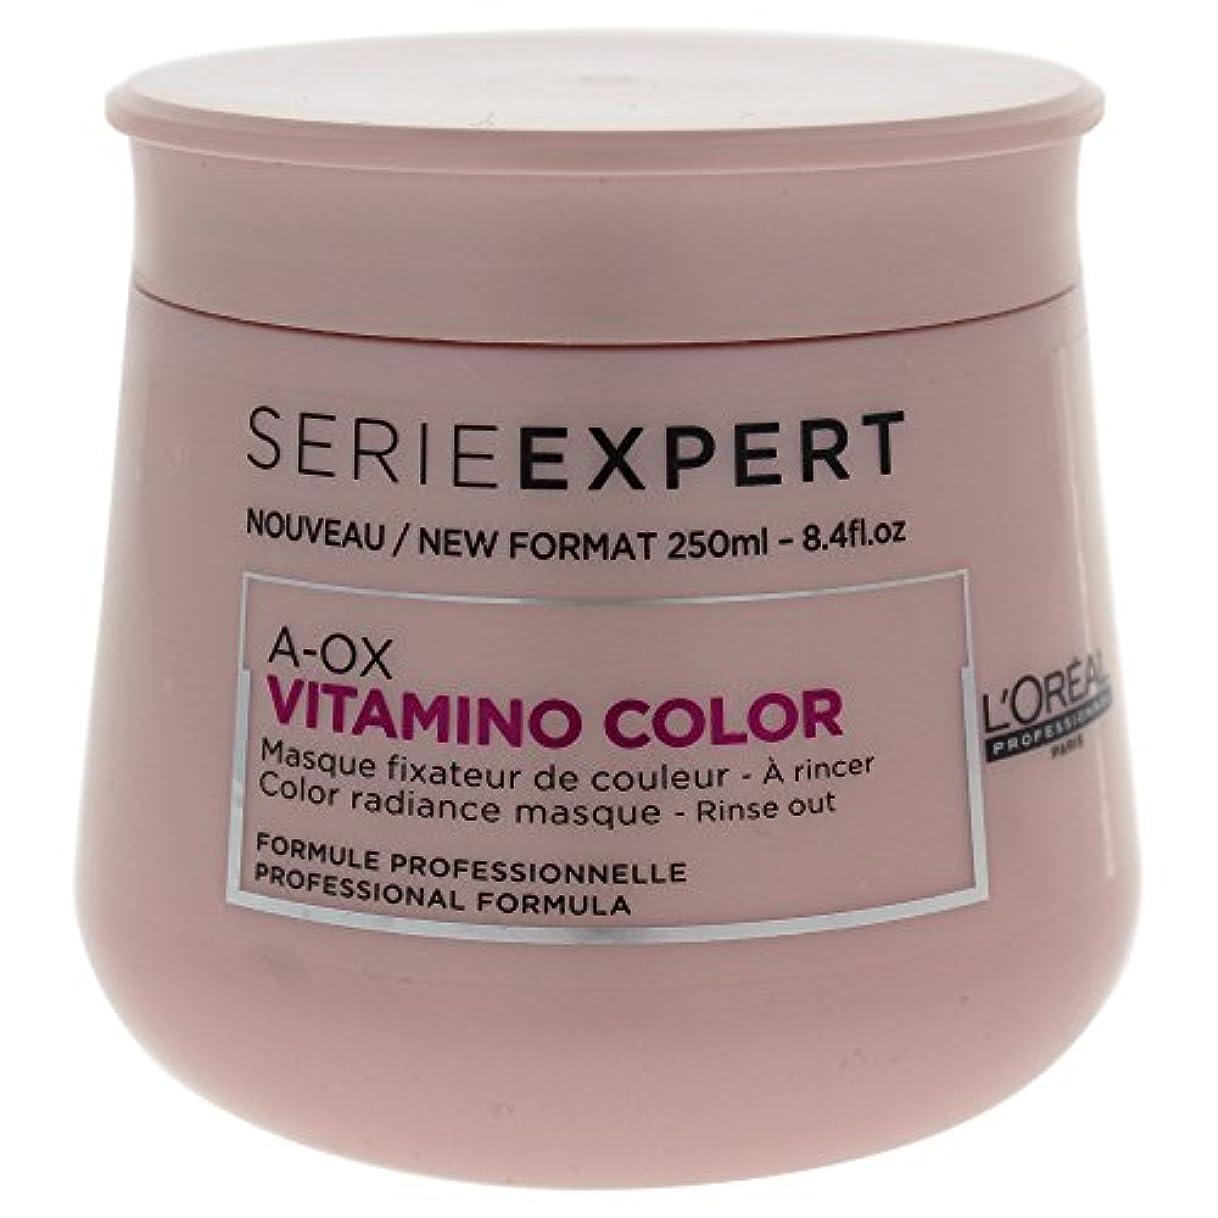 生む結論誰もL'Oreal Serie Expert A-OX VITAMINO COLOR Color Radiance Masque 250 ml [並行輸入品]